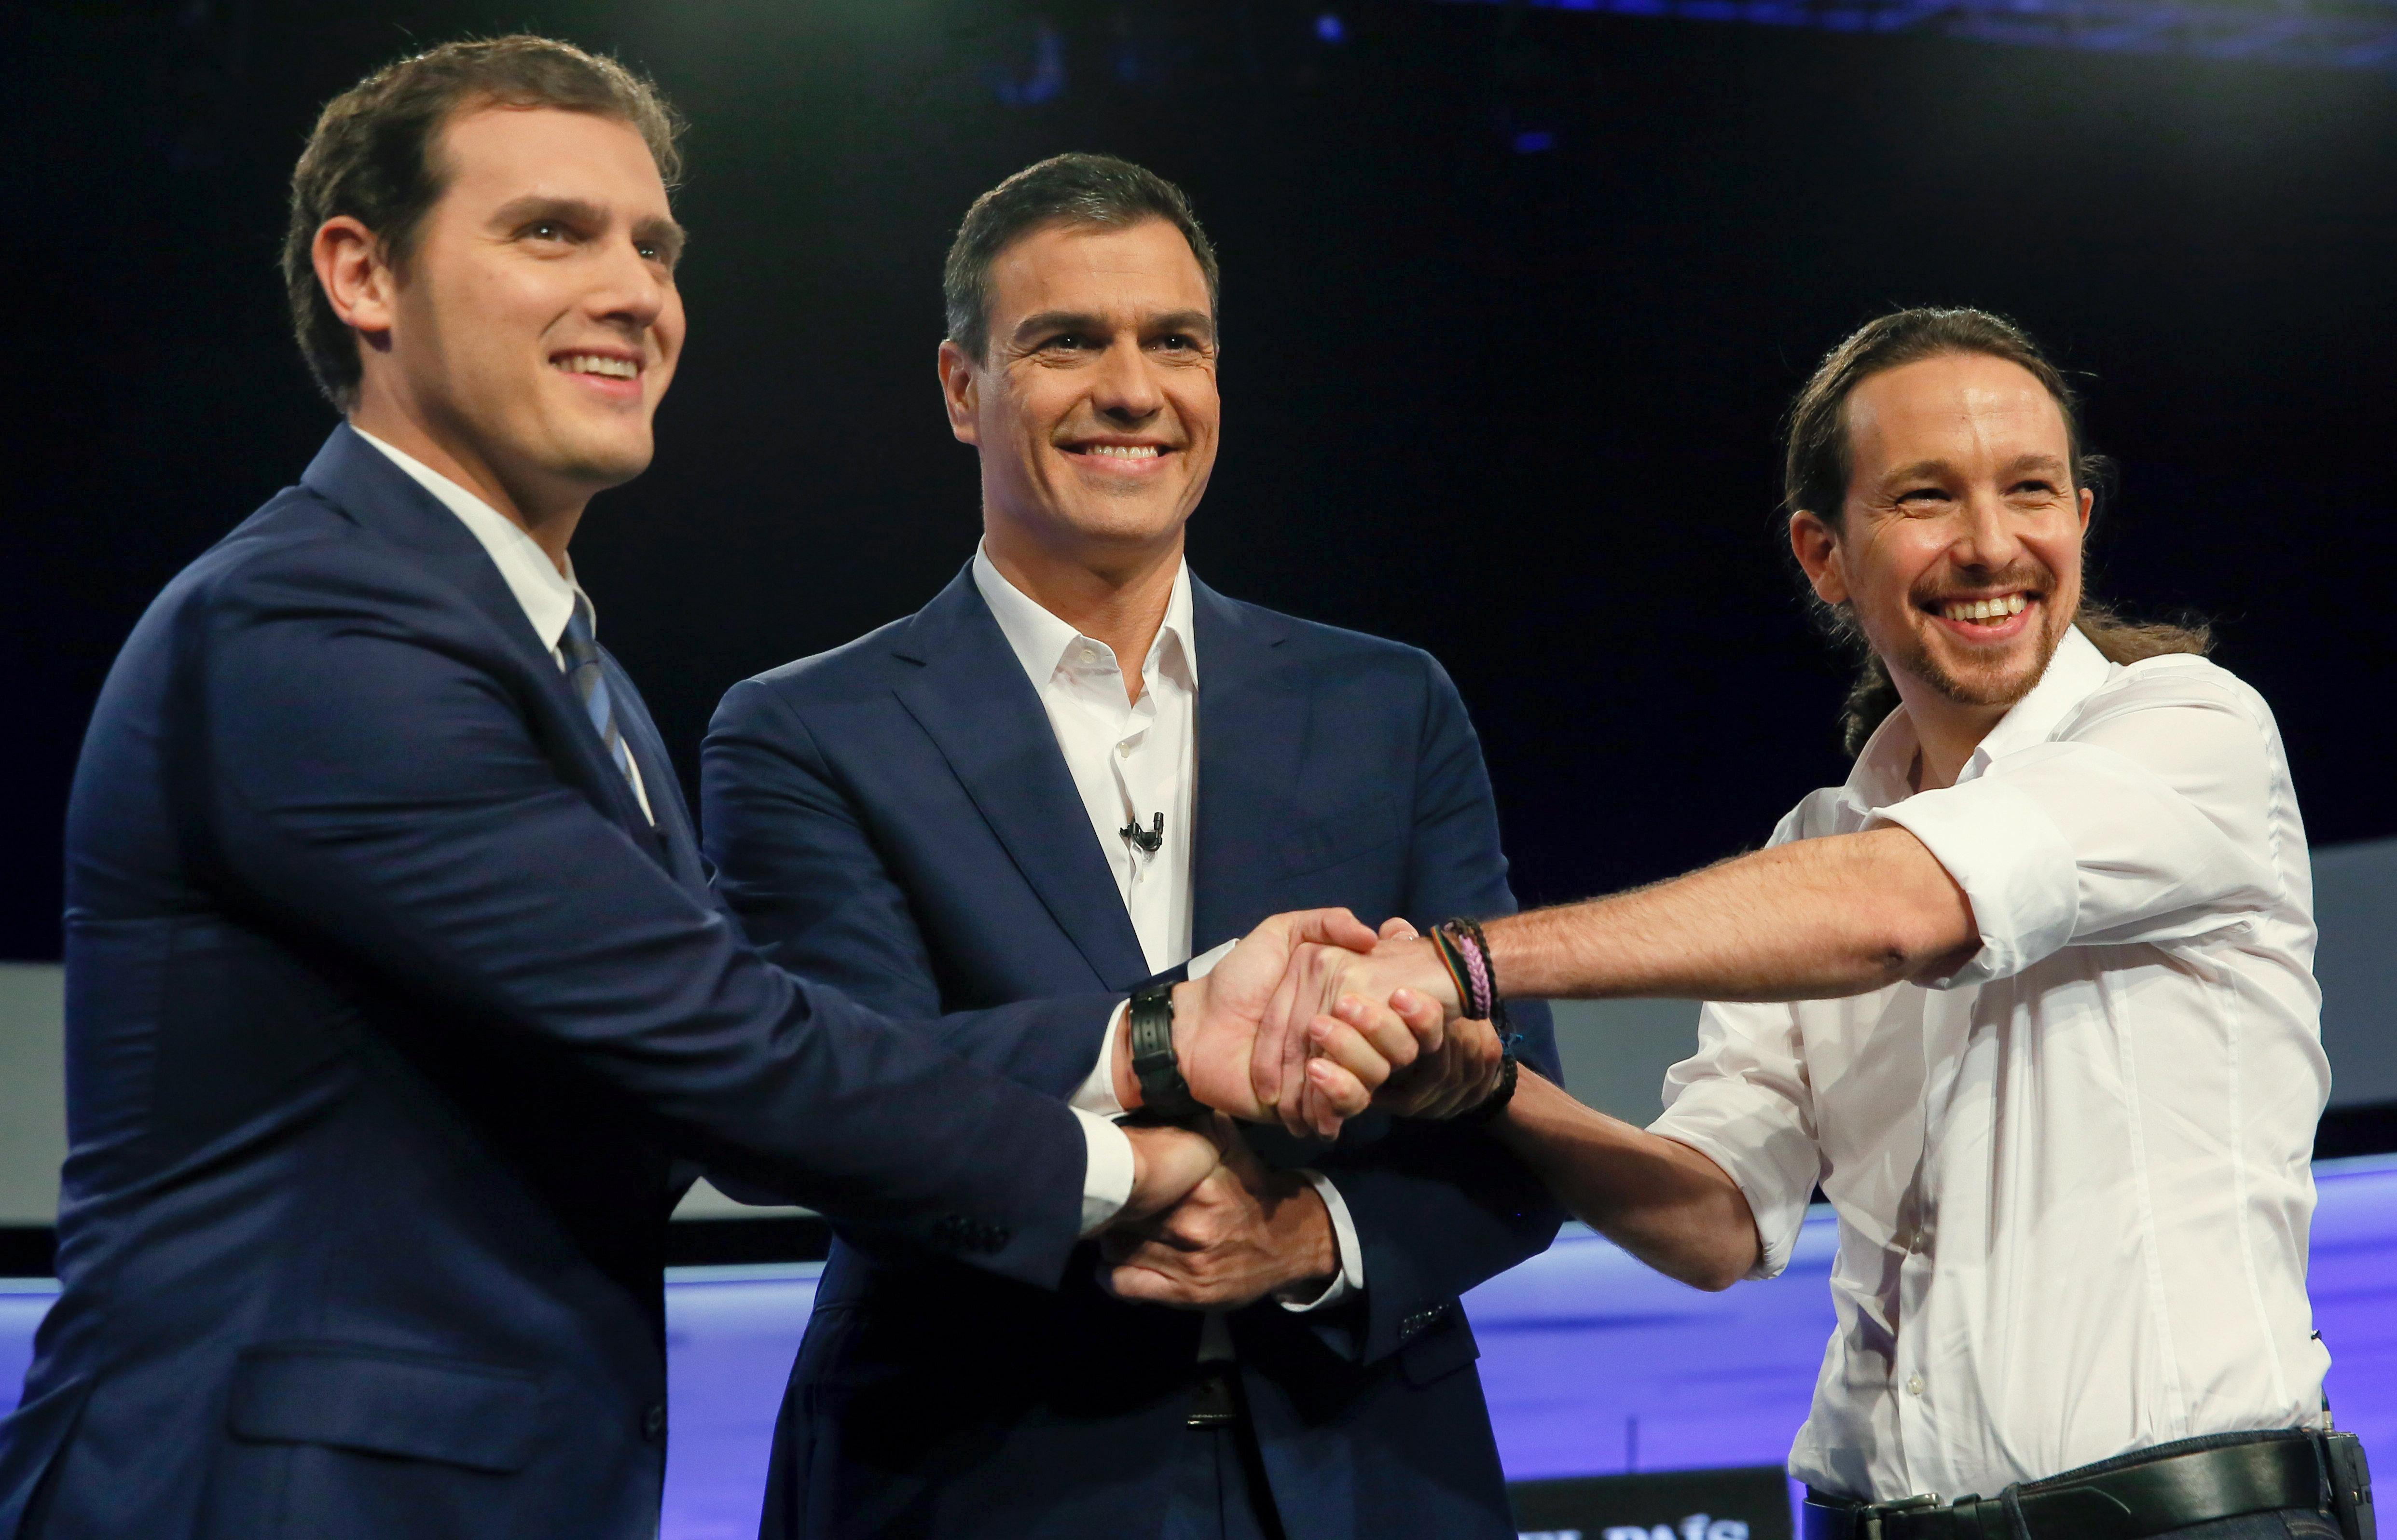 Αριστερά ο επικεφαλής των Ciudadanos Ριβέρα, ο σοσιαλιστής Σάντσες στο κέντρο, και δεξιά ο Ιγκλέσιας των Podemos. Μια… χαρούμενη και συναινετική φωτογραφία που οι περισσότεροι ψηφοφόροι των Podemos (αλλά και της Ενωμένης Αριστεράς και της Πατριωτικής Αριστεράς) ελπίζουν να μην έχει συνέχεια!